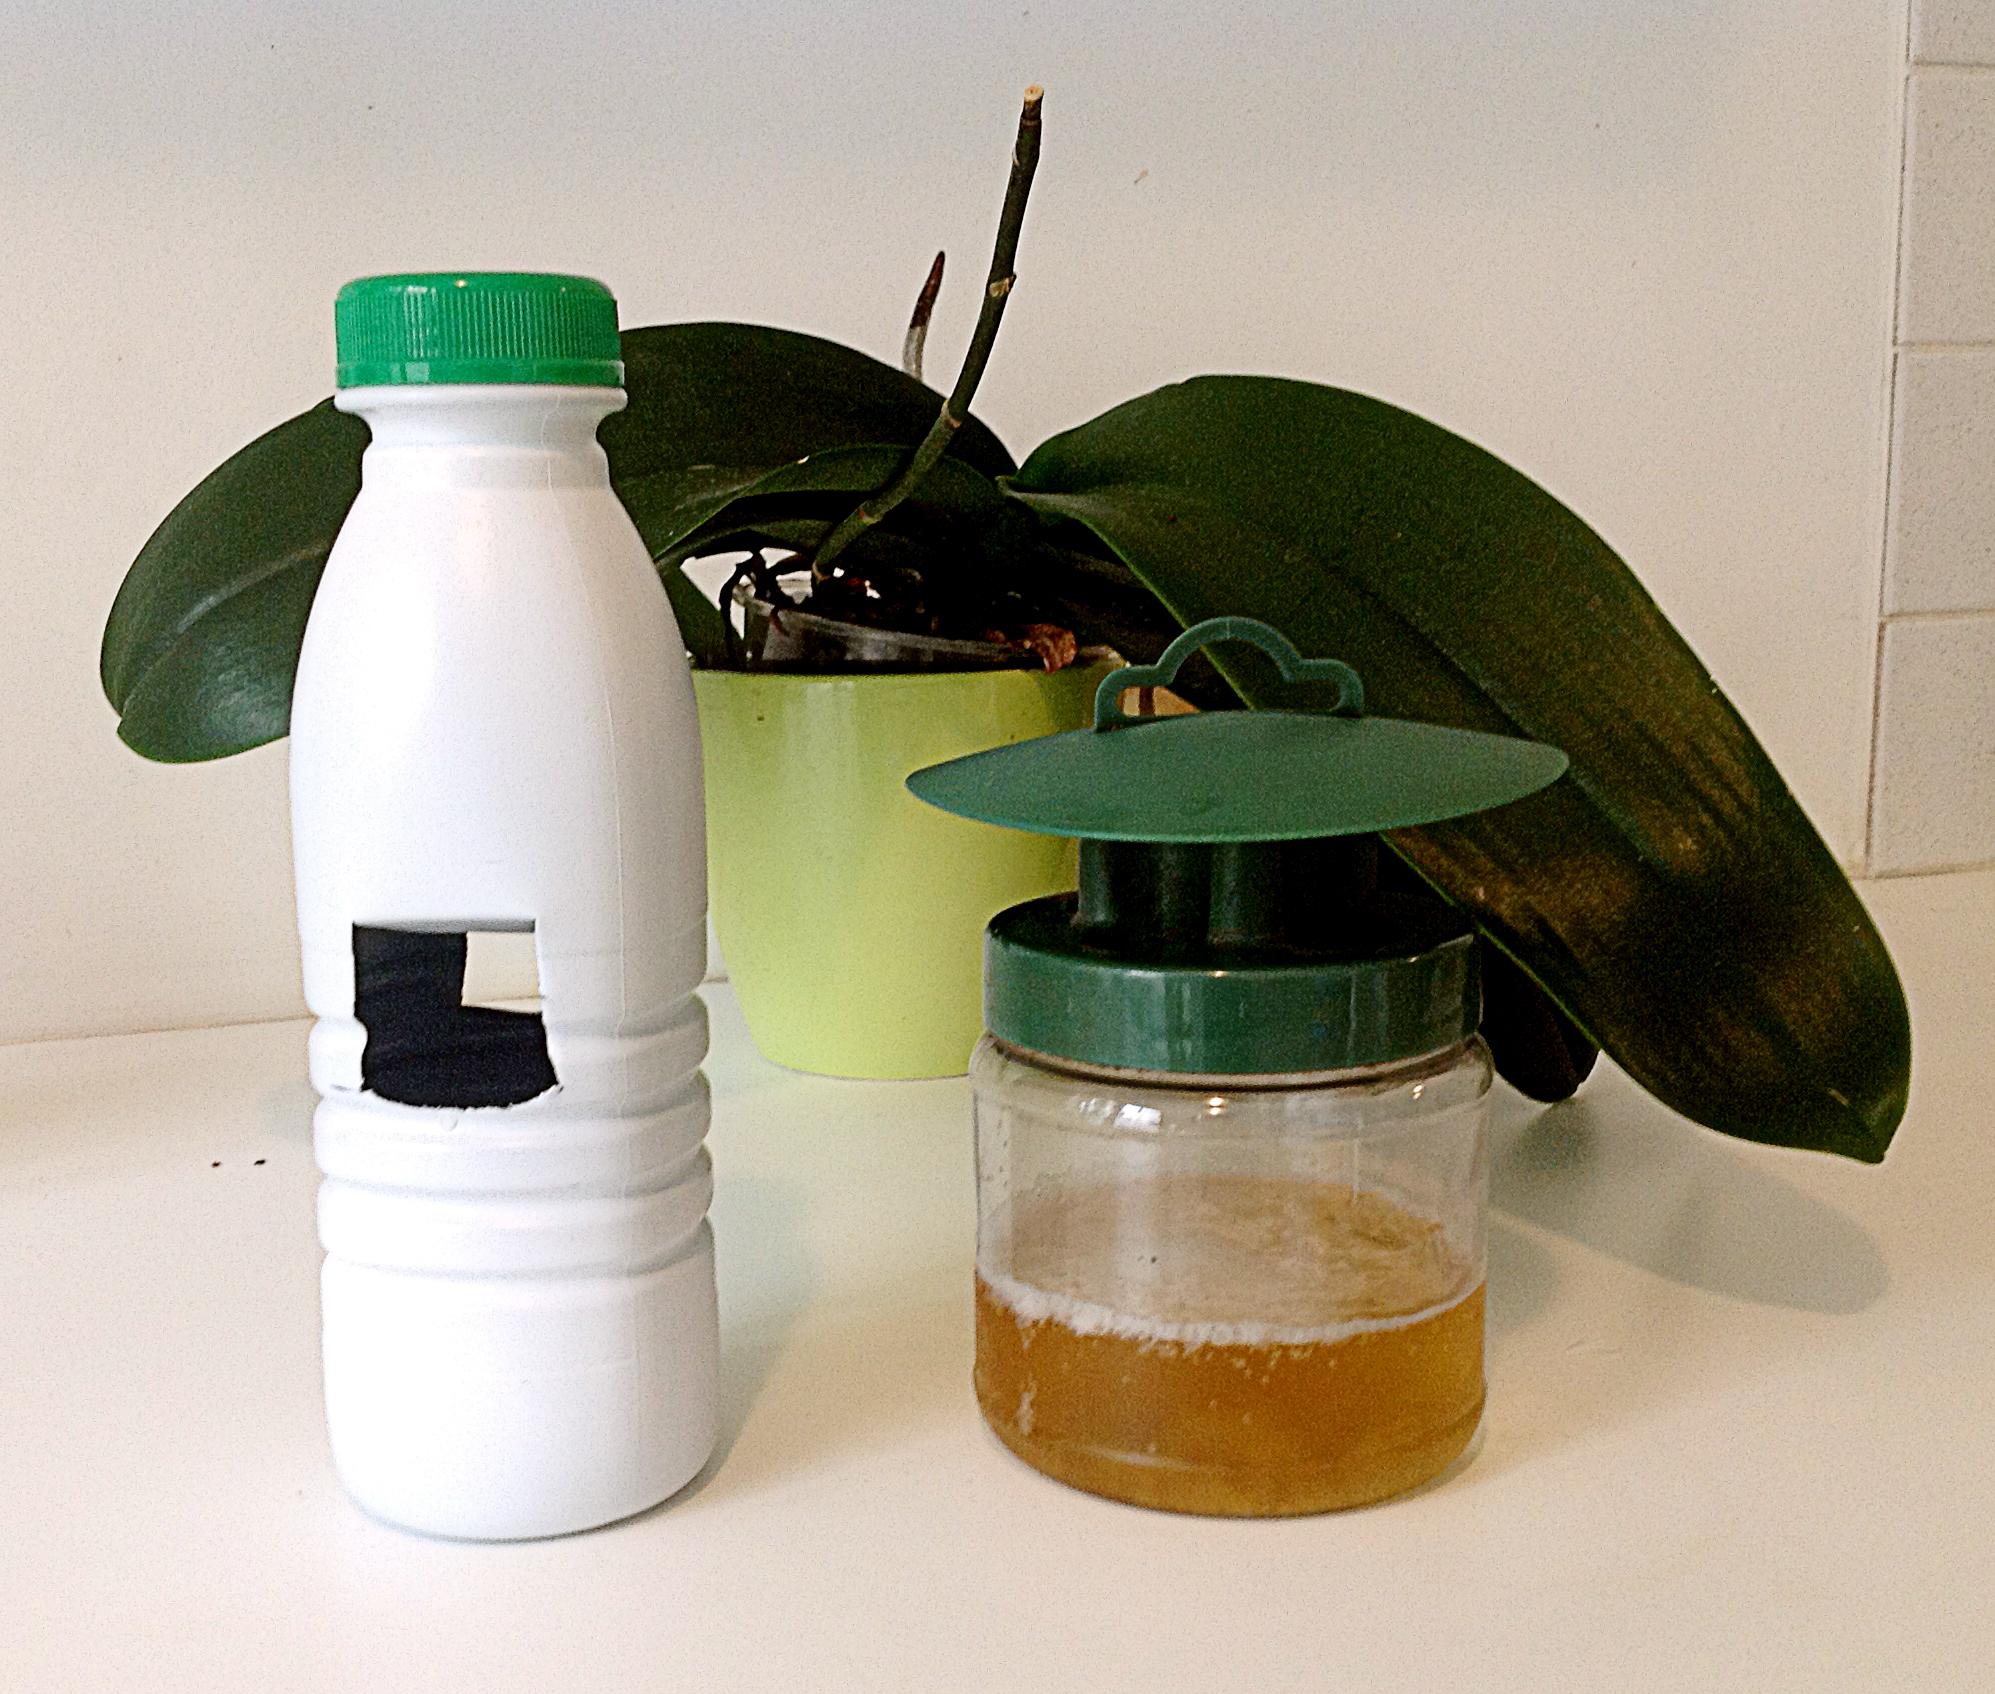 La chasse au lima on jardissimo - Pieges a limaces fait maison a base de biere ...